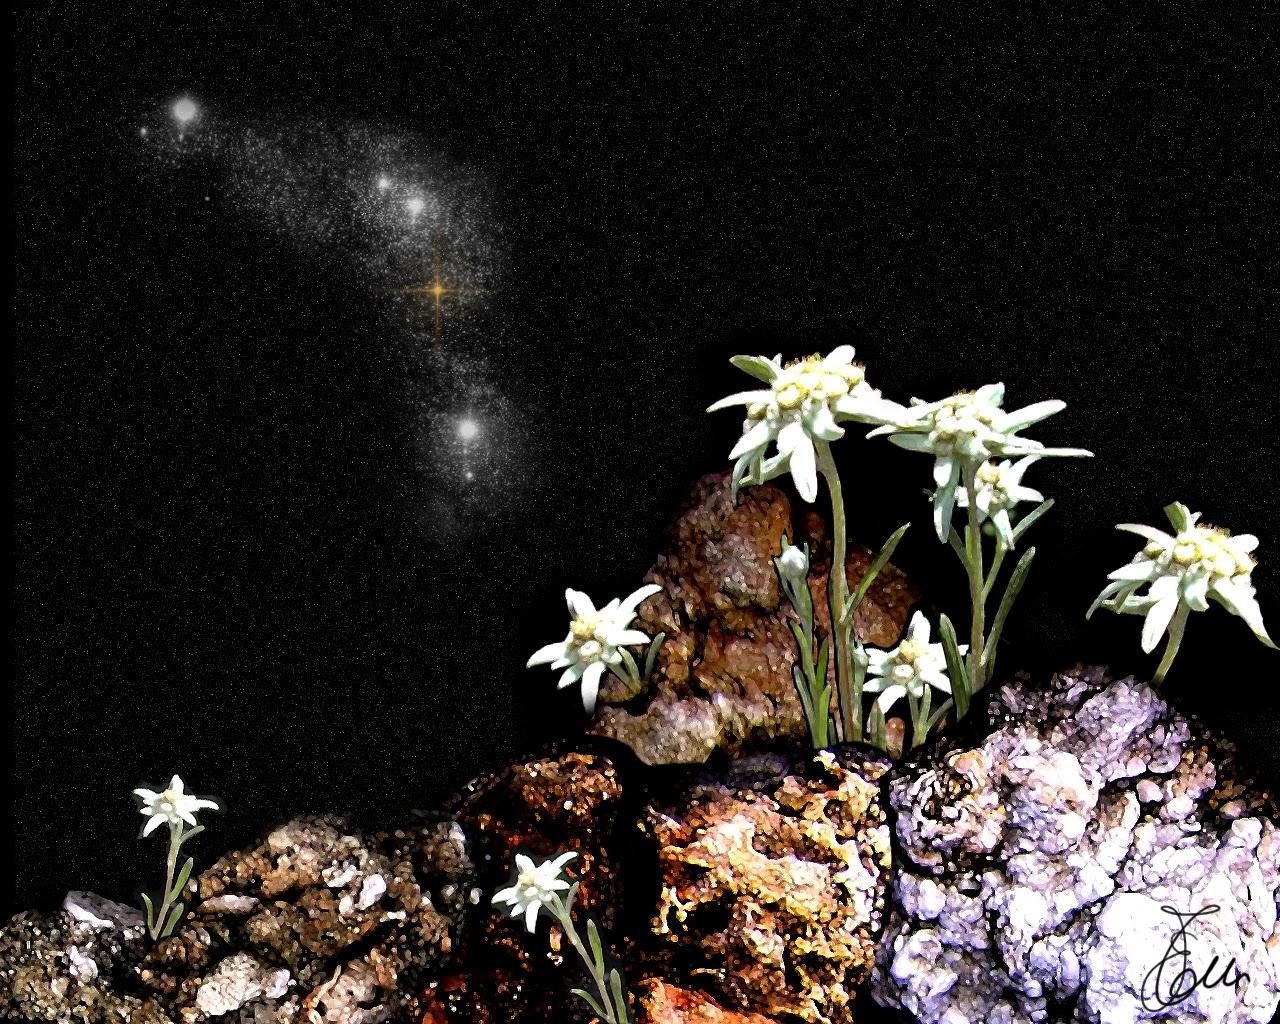 Edelweiss in versione notturna... un richiamo alla nostra leggenda delle Dolomiti (wallpapersbyeleonora.blogspot)